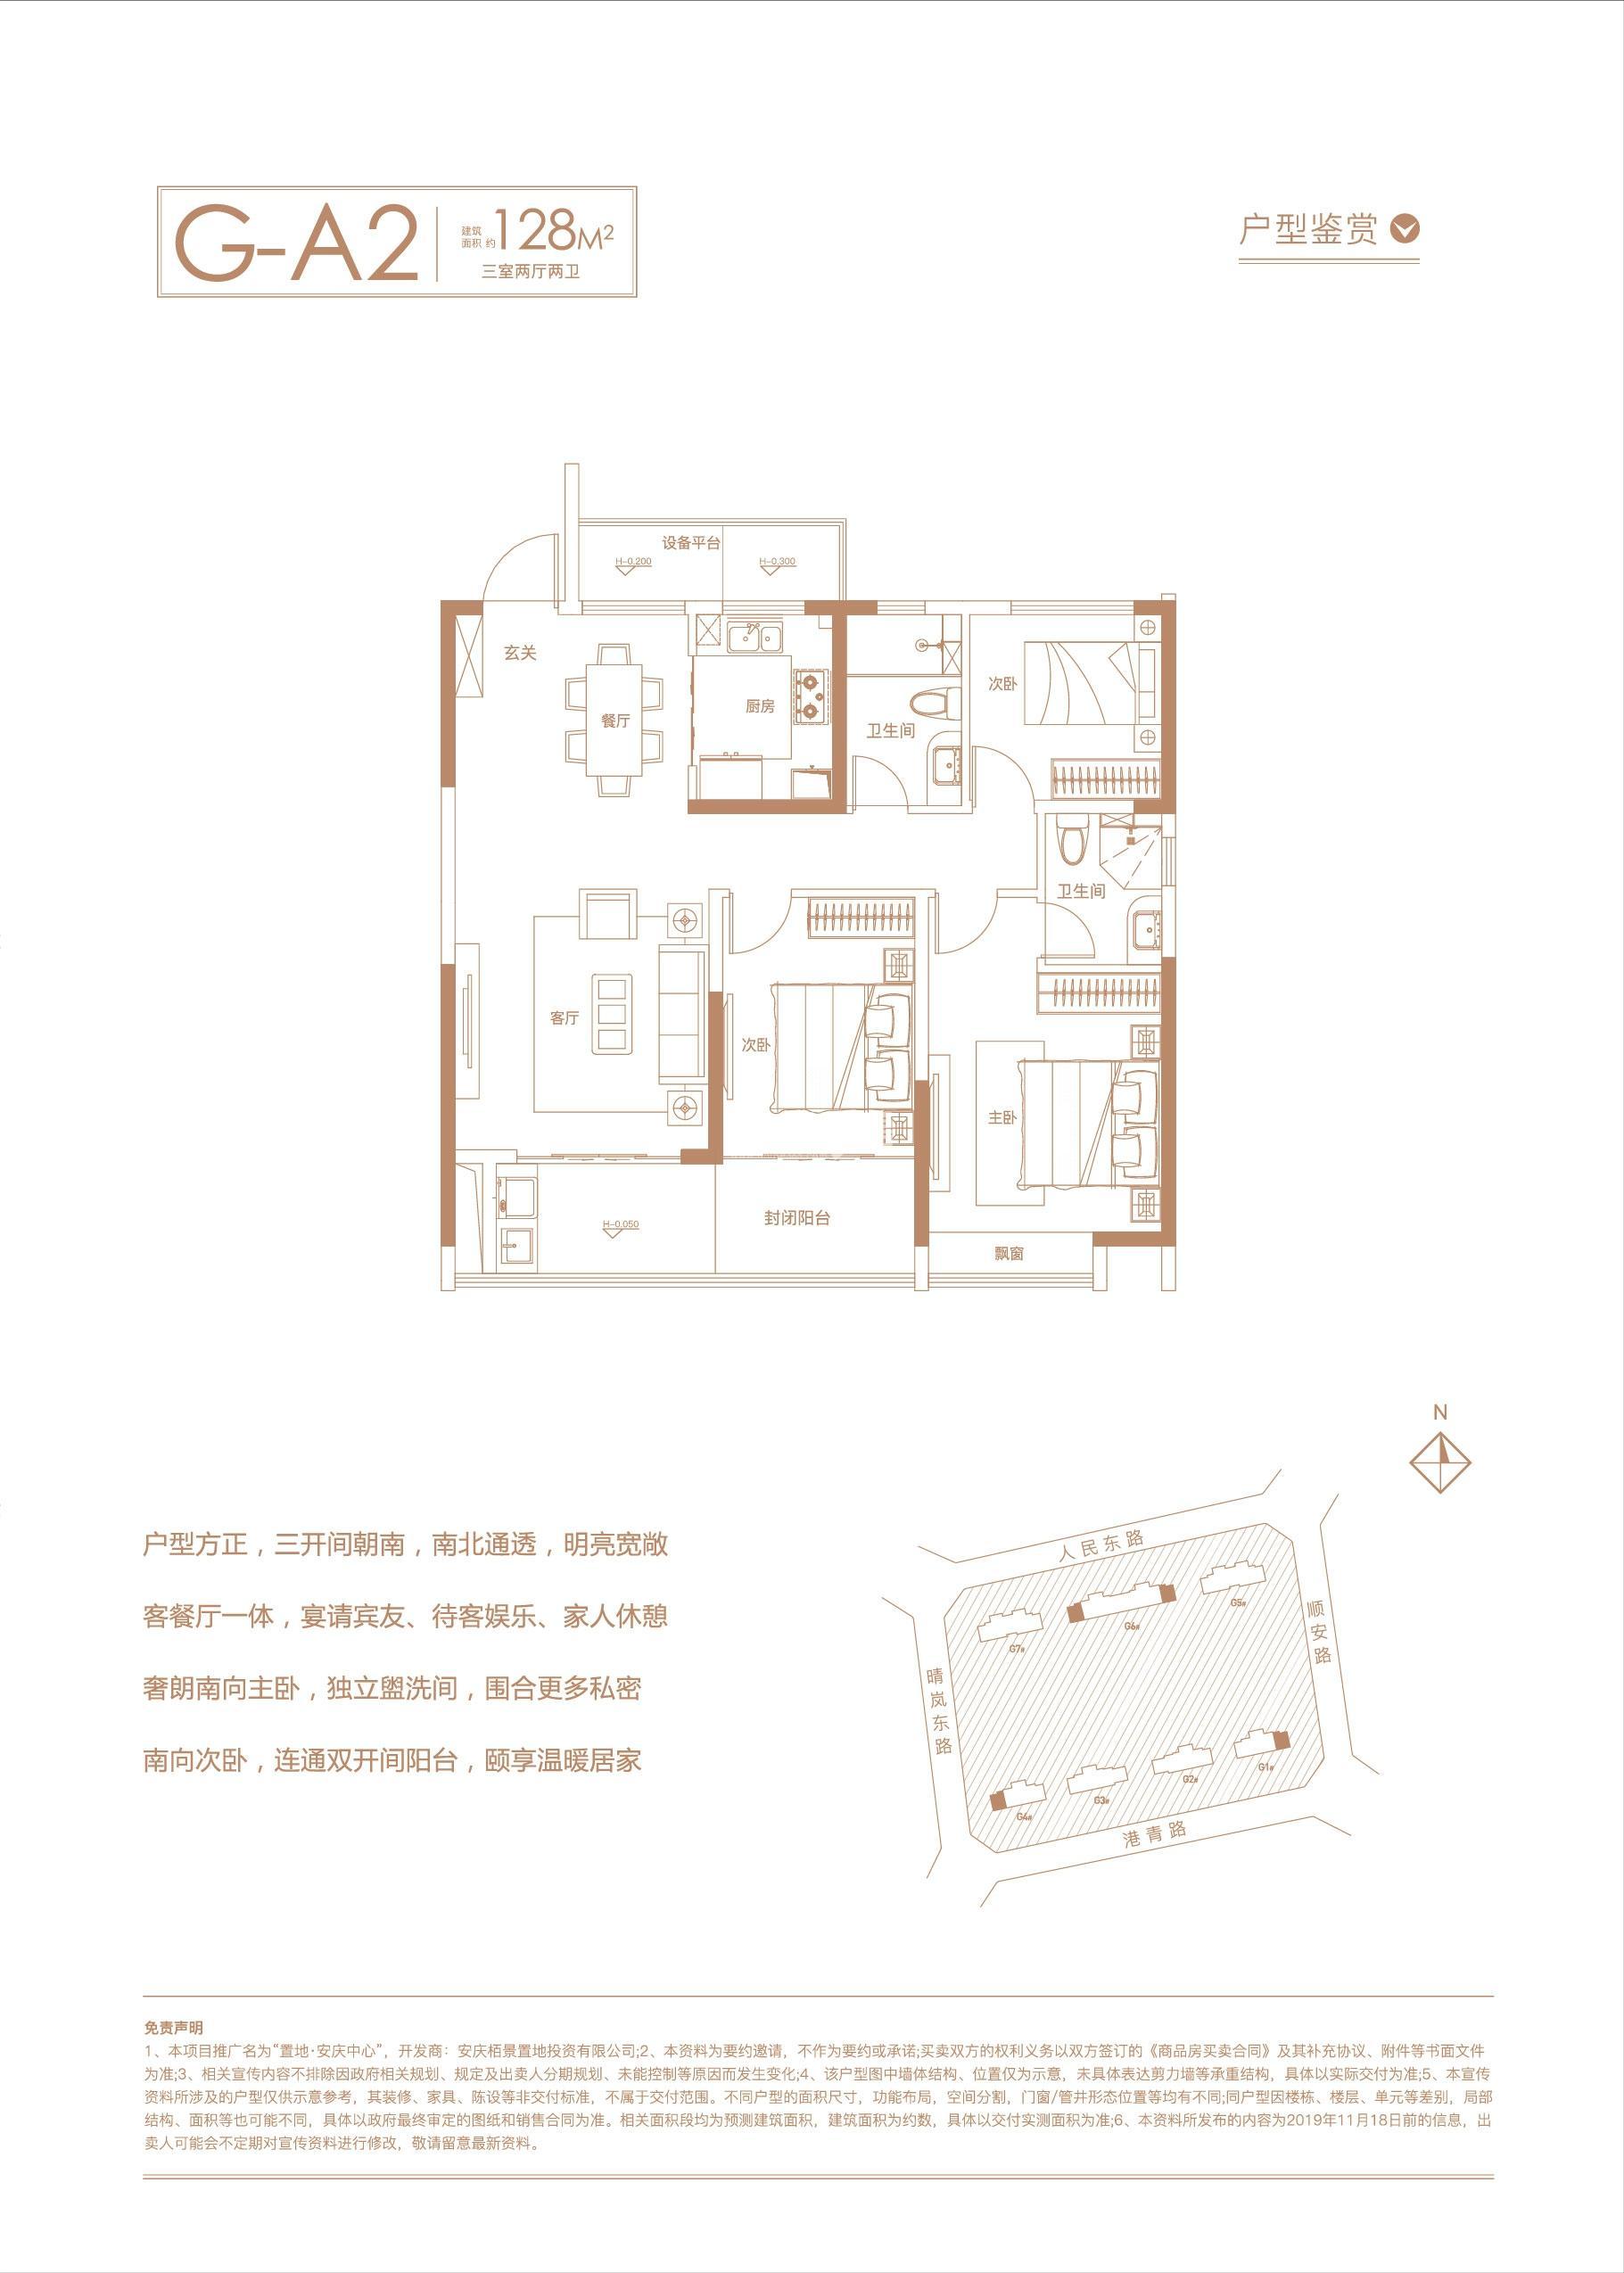 安庆置地安庆中心128㎡三室两厅两卫G-A2户型